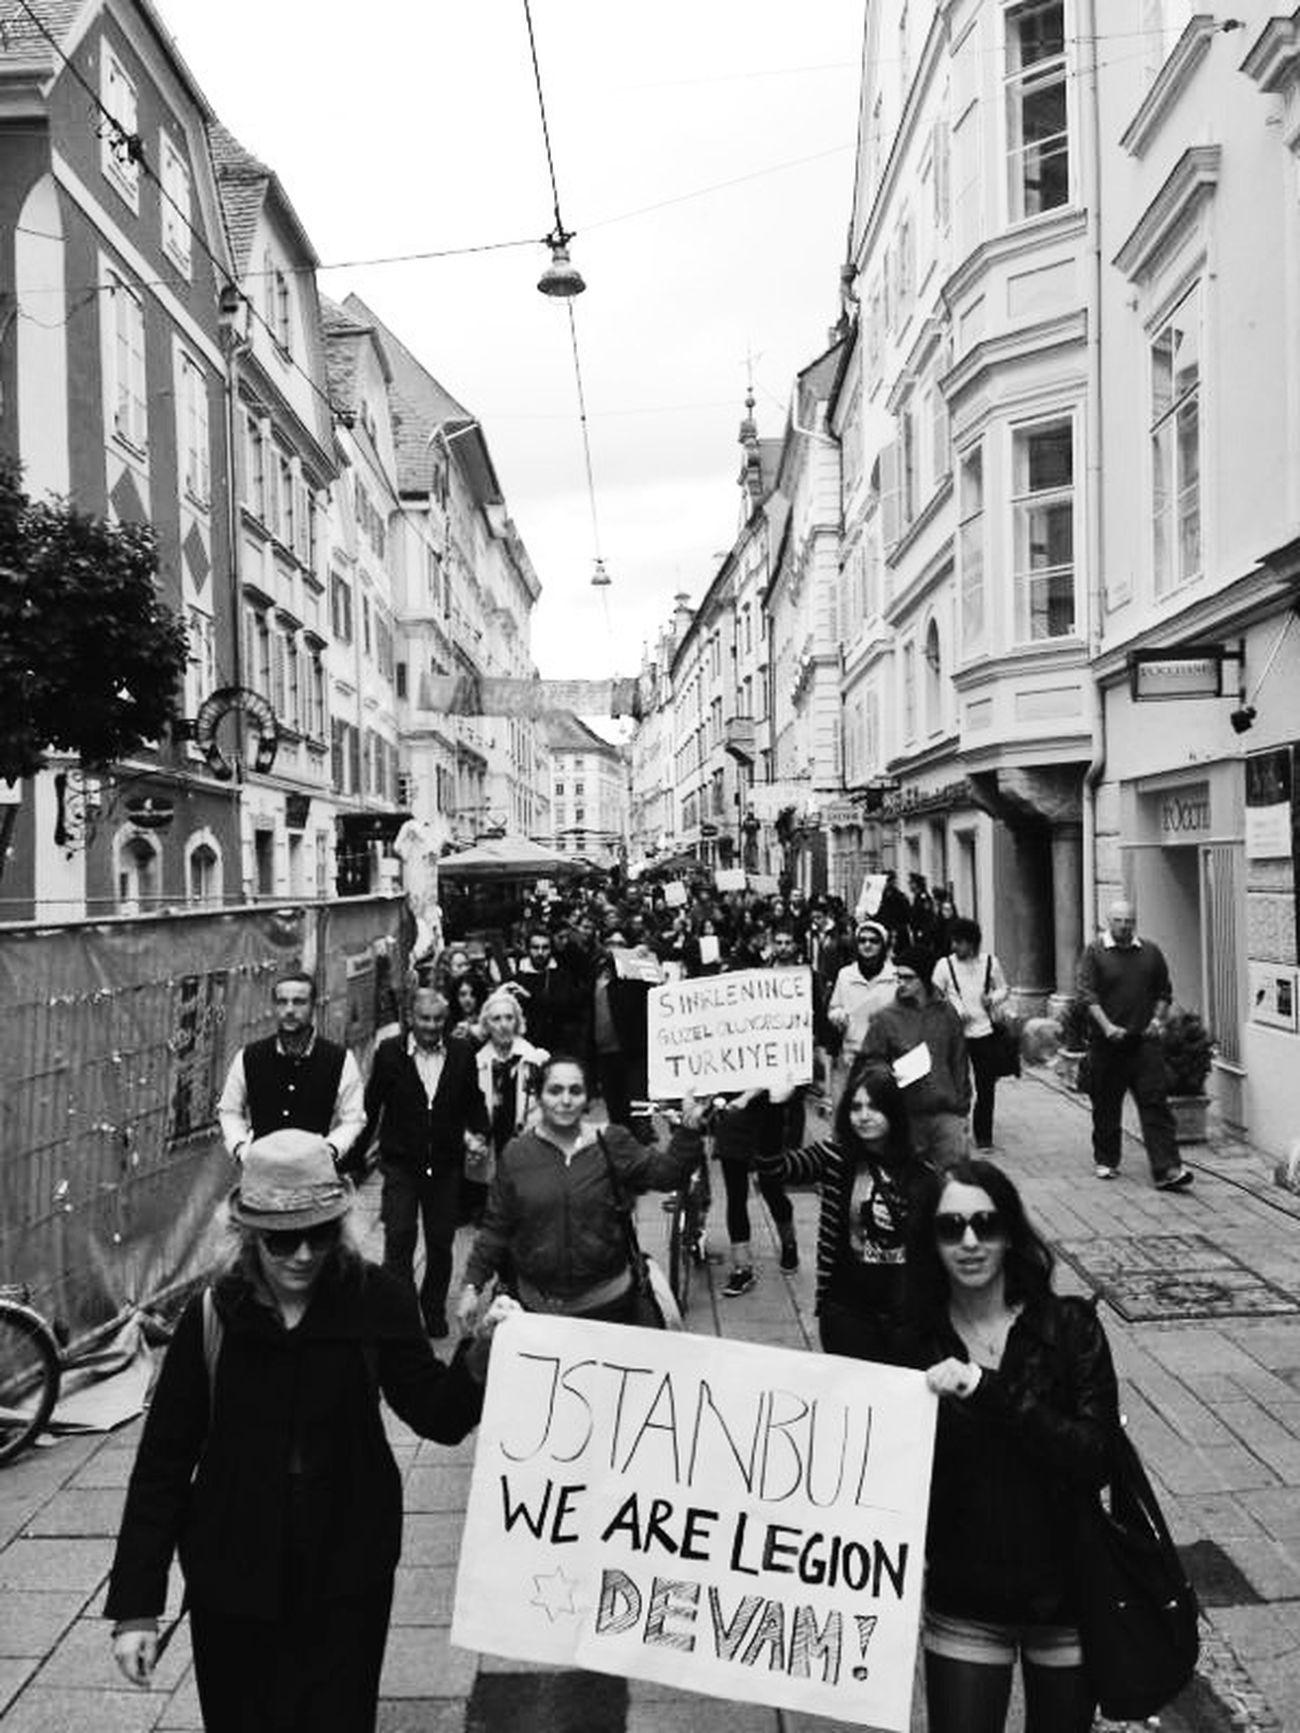 Bnw Pray For Turkey Occupy Taksim! #occupygezi